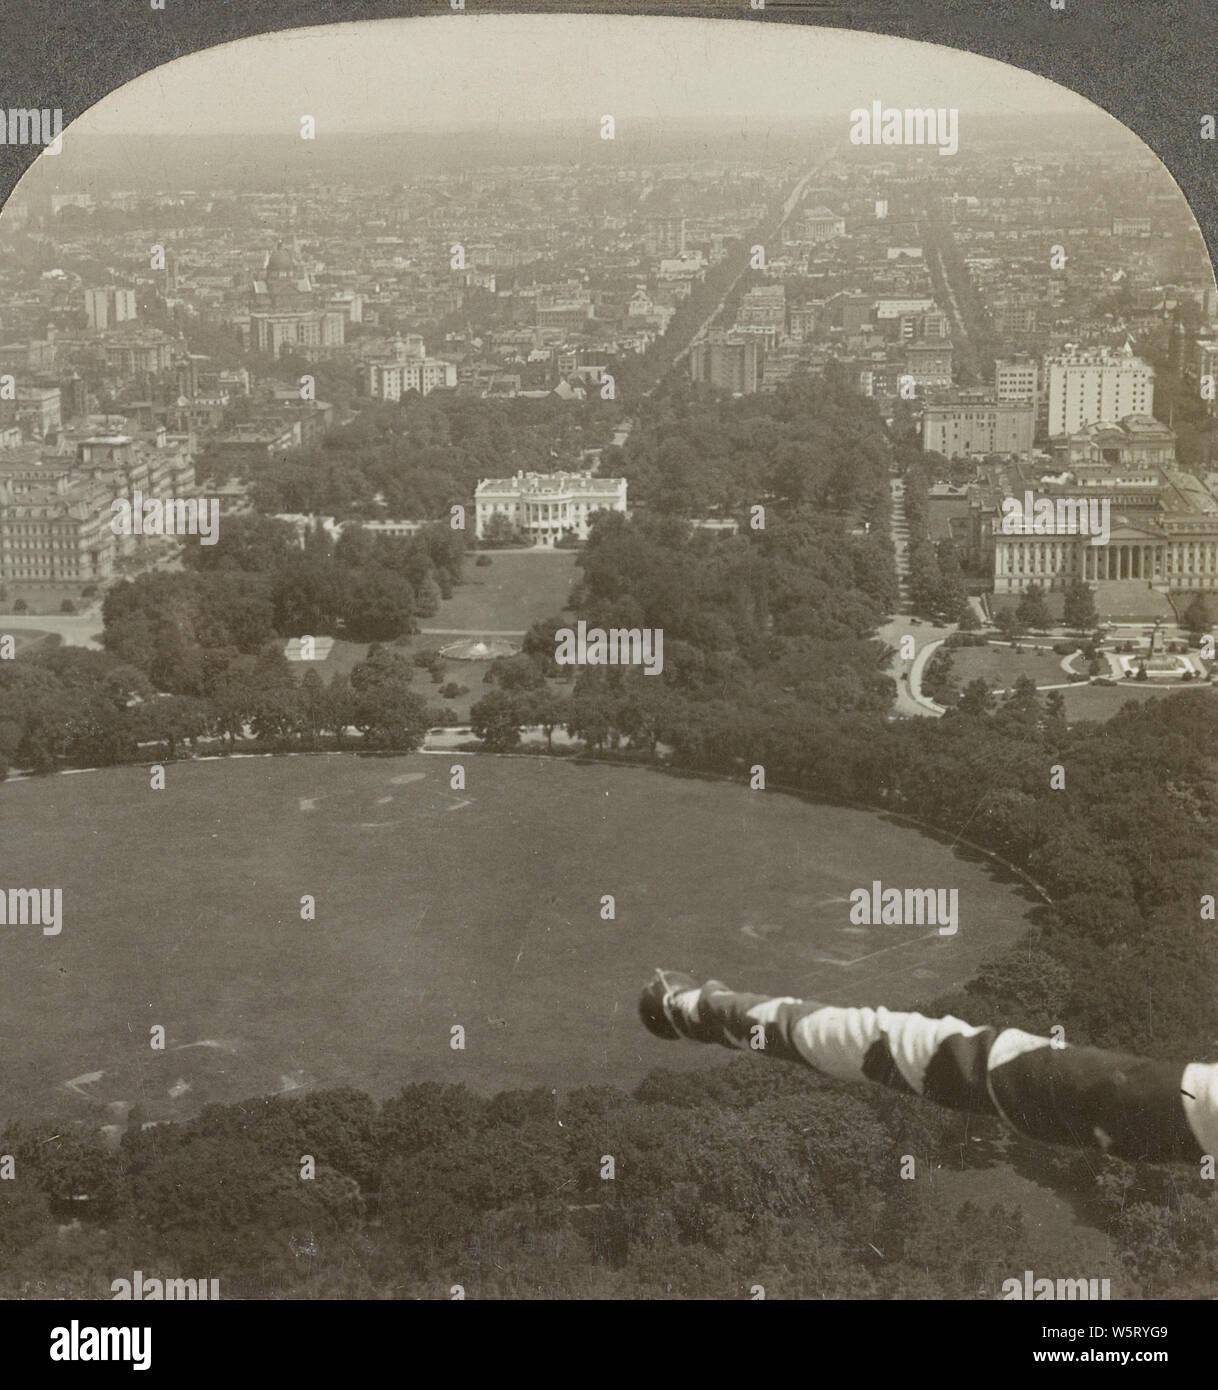 À Au nord de Washington Monument vers la Maison Blanche, Washington, D. C. en 1928. La Maison Blanche est la résidence officielle et le lieu de travail du président des États-Unis. Il est situé au 1600 Pennsylvania Avenue NW à Washington, D.C. et a été la résidence de chaque président des Etats-Unis depuis John Adams en 1800. Banque D'Images